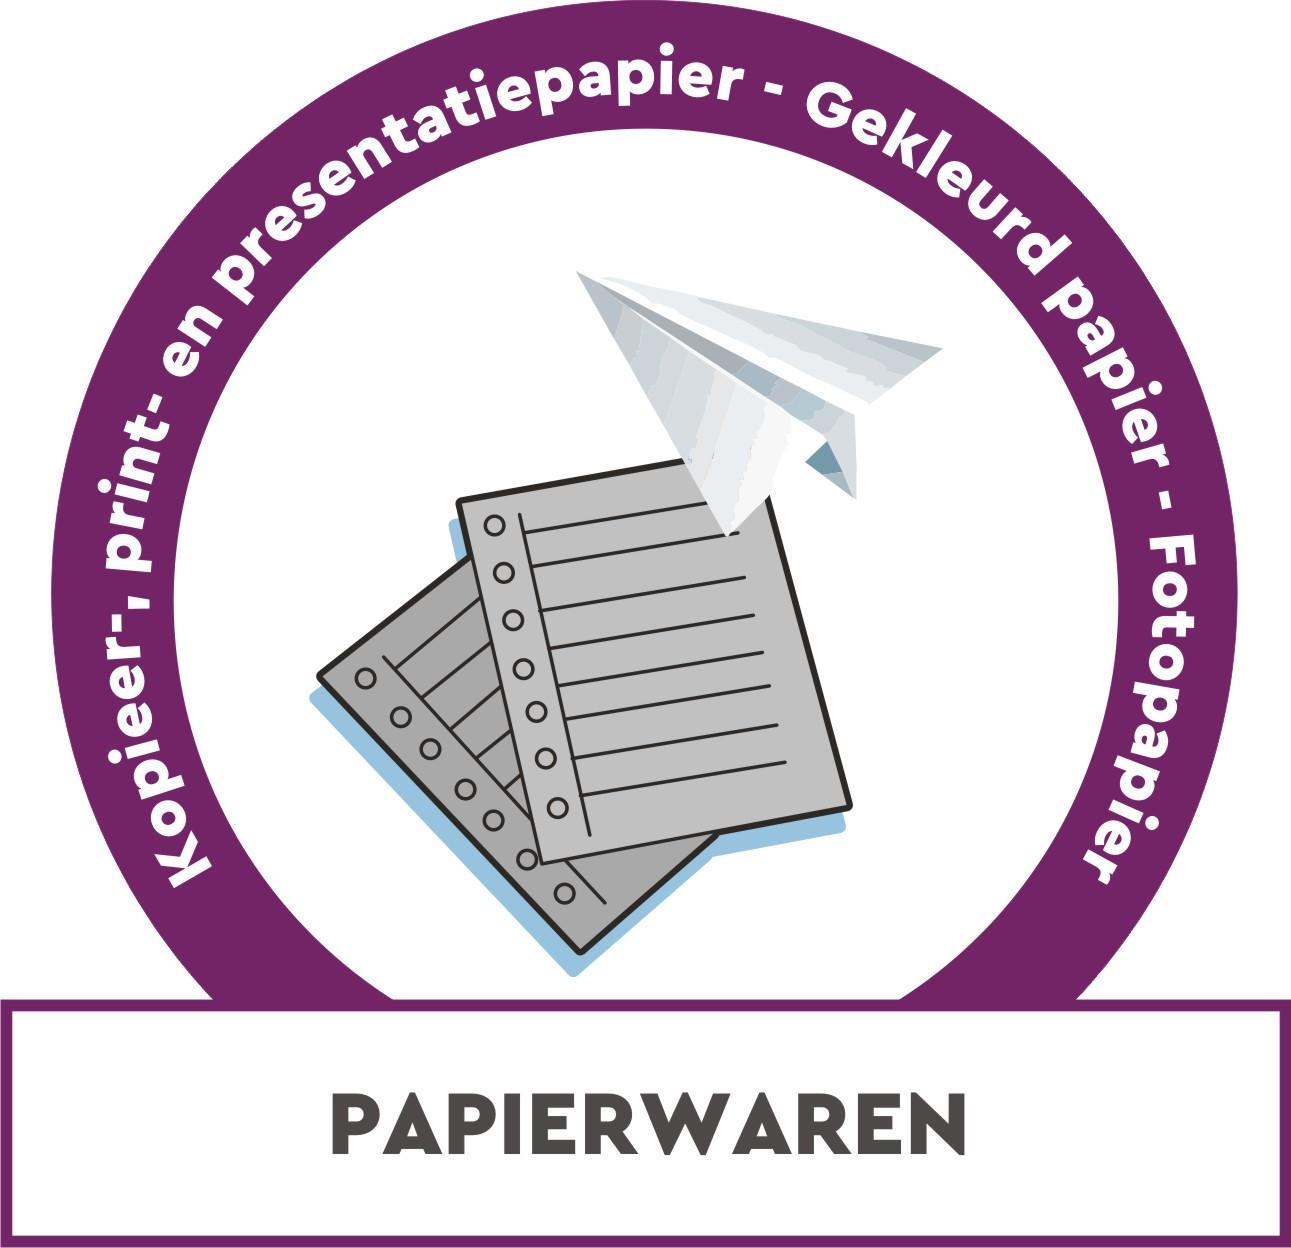 Kopieer-, print- en presentatiepapier, gekleurd papier, fotopapier, ...